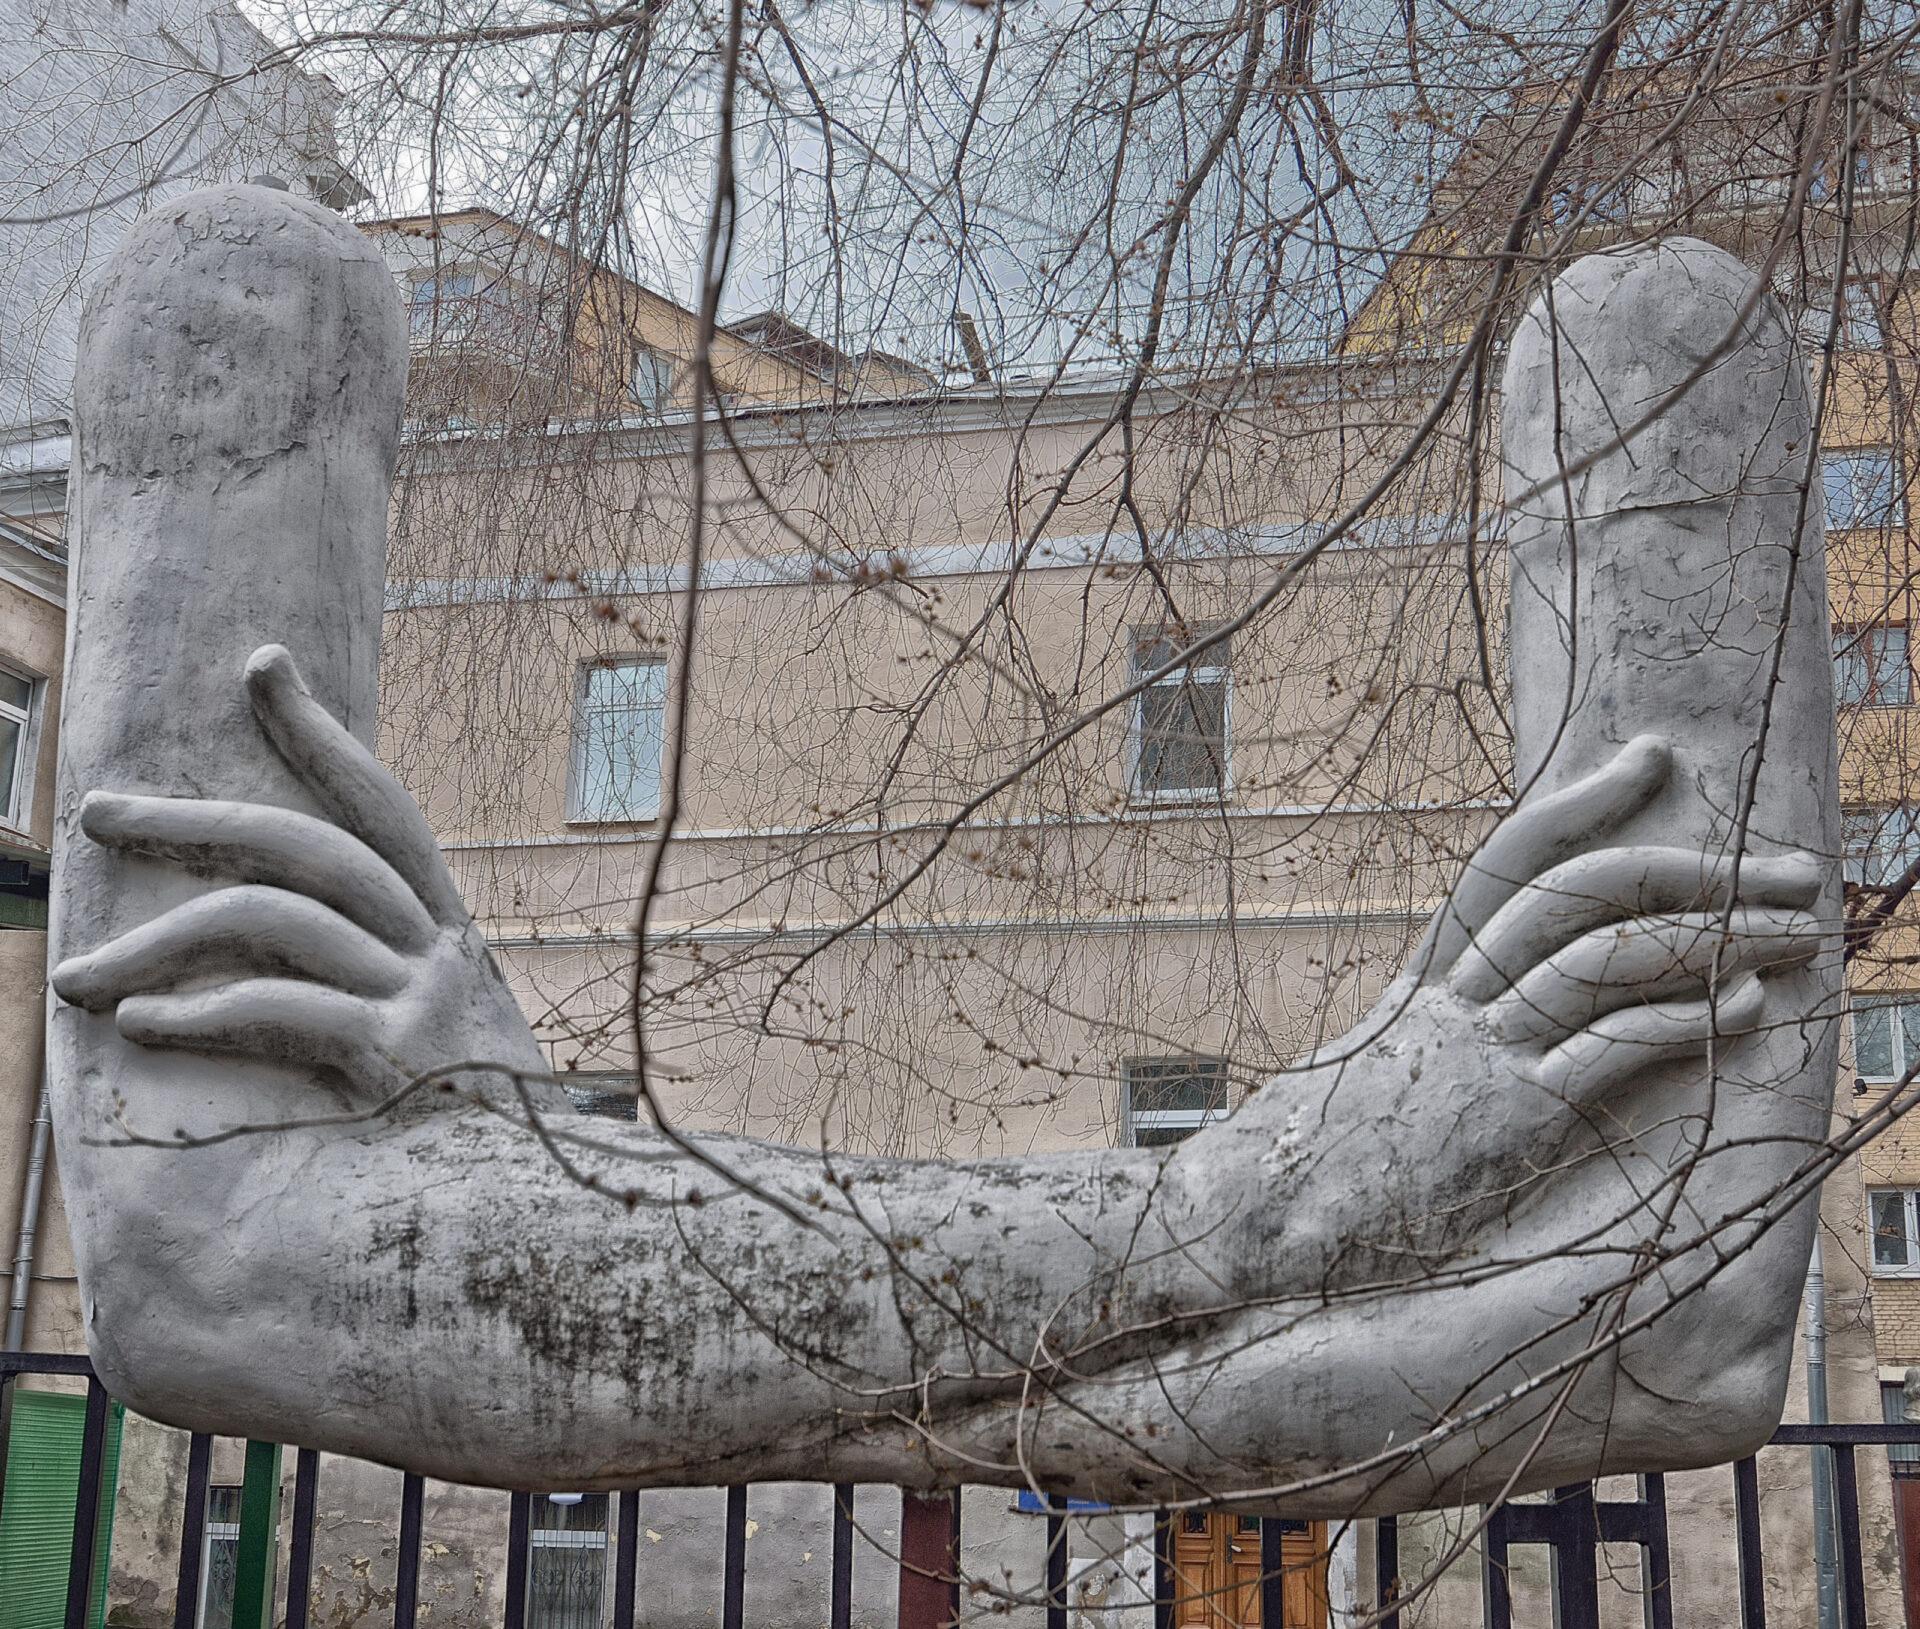 Странные скульптуры, пара Хаммеров иарбатские переулочки.